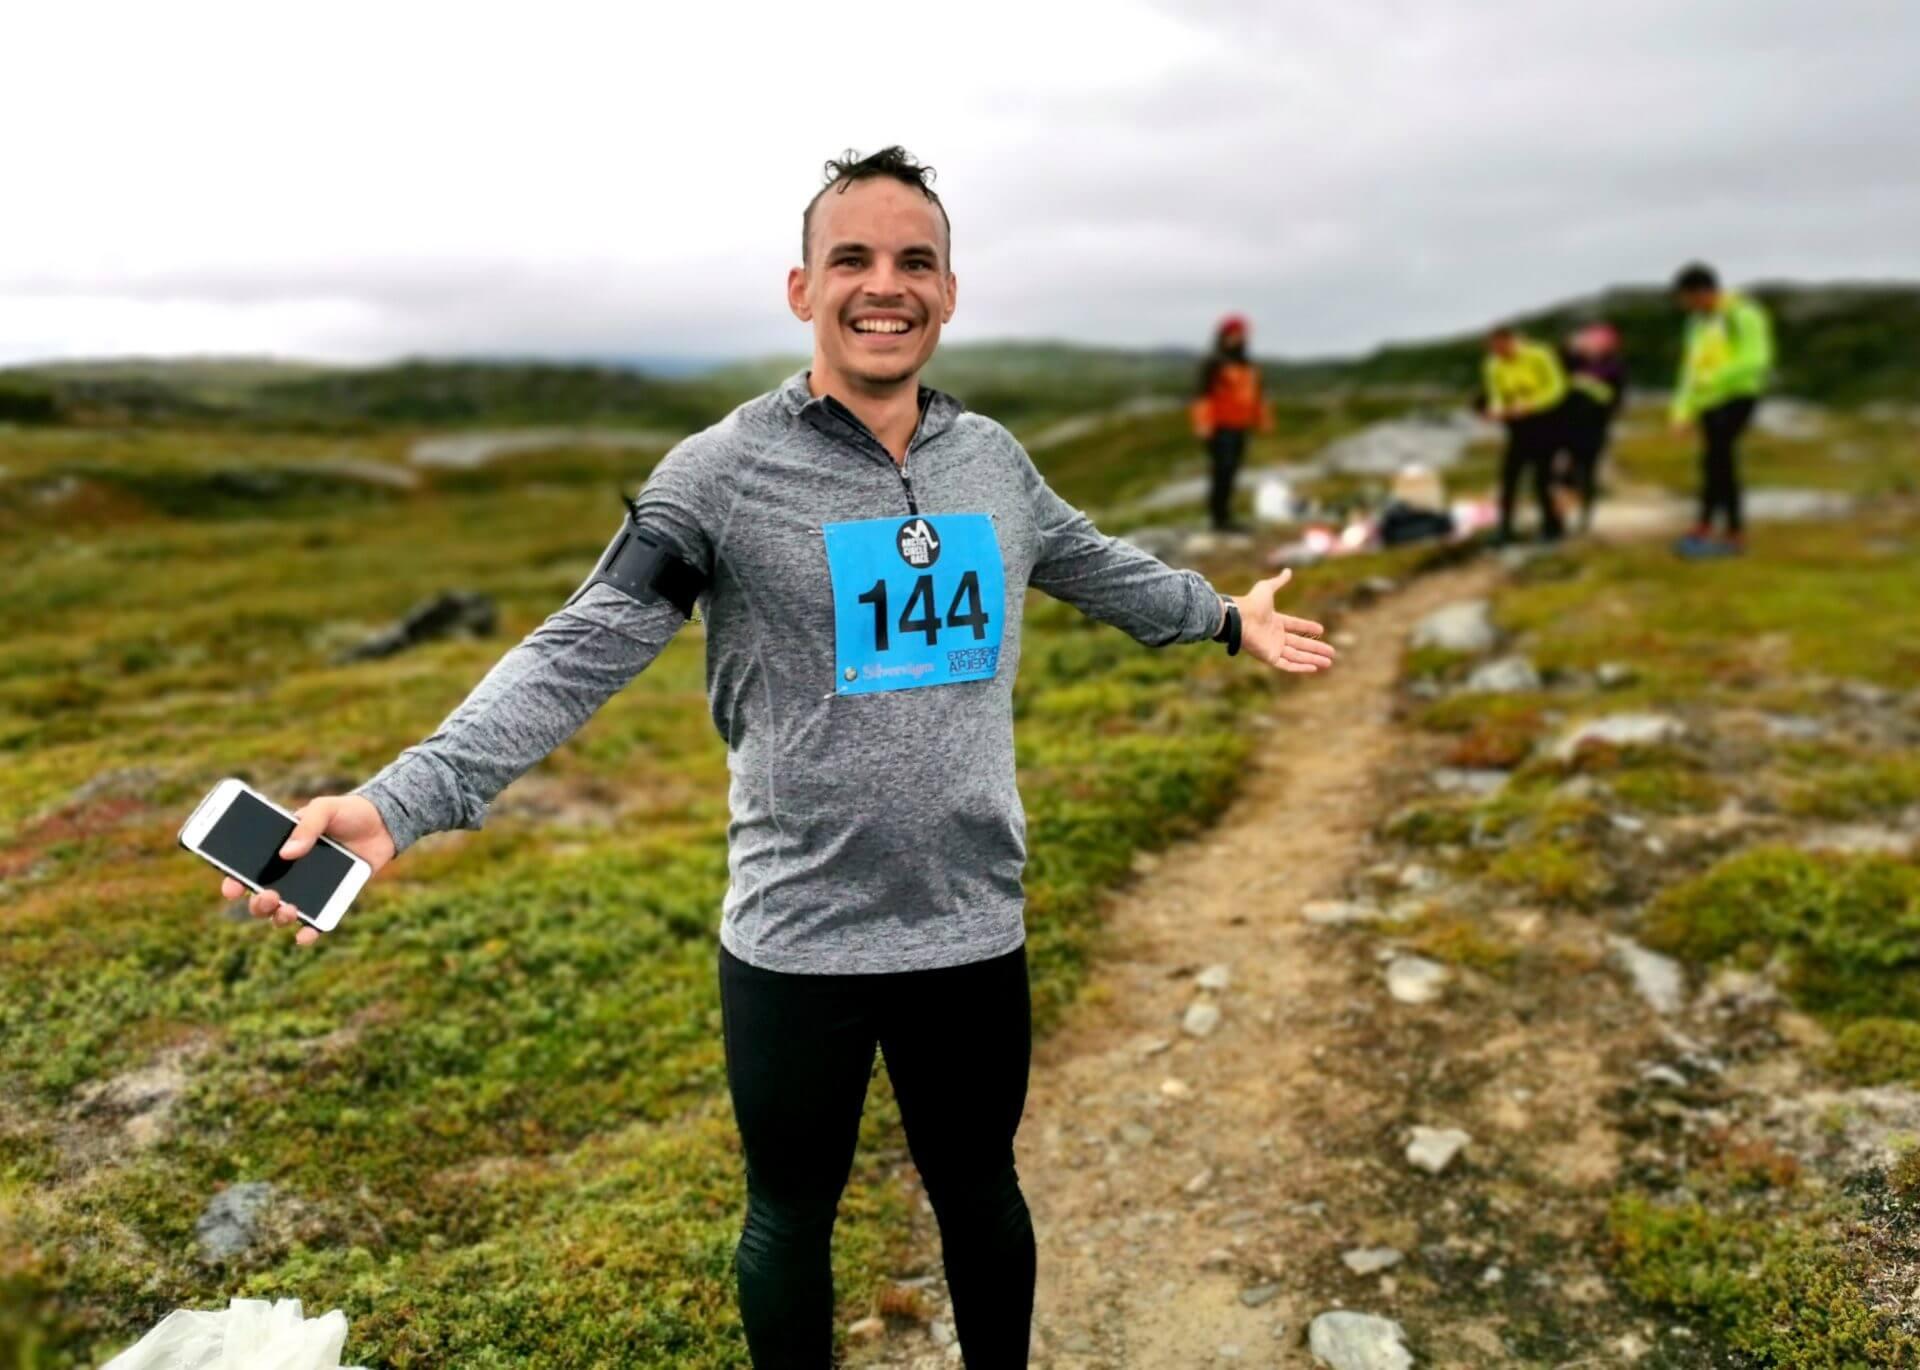 Arctic Circle Race 2019 Polcirkelloppet Guijaure kontr Jansson